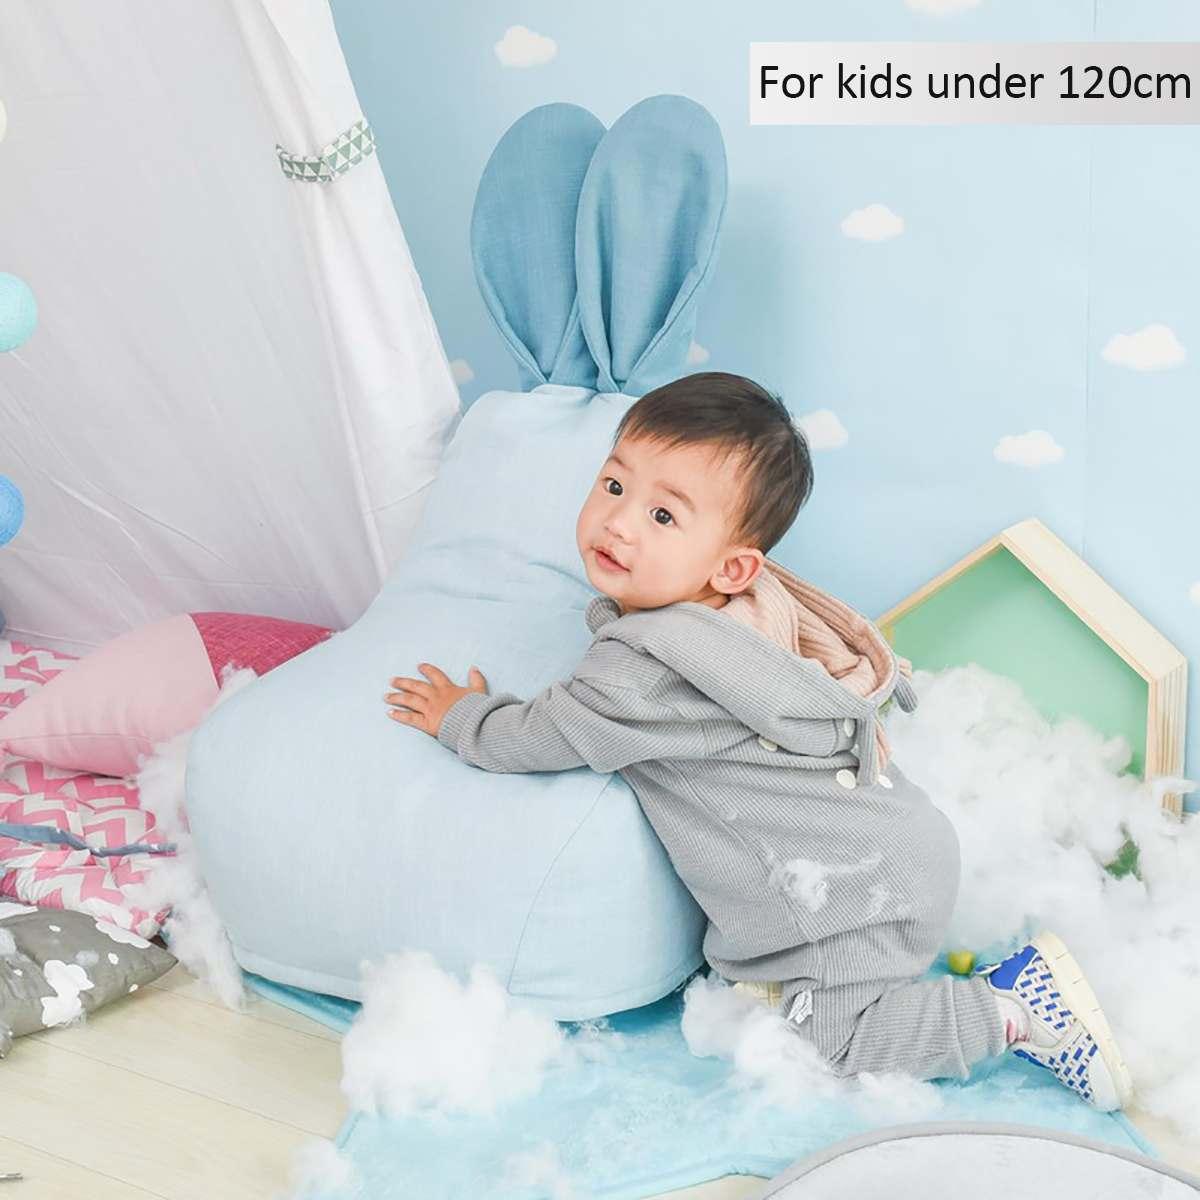 Avec remplissage bébé nordique Pouf chaise Pouf enfants canapé bébé siège oreiller Portable chaises pour bébé infantile chambre décor enfants jouets